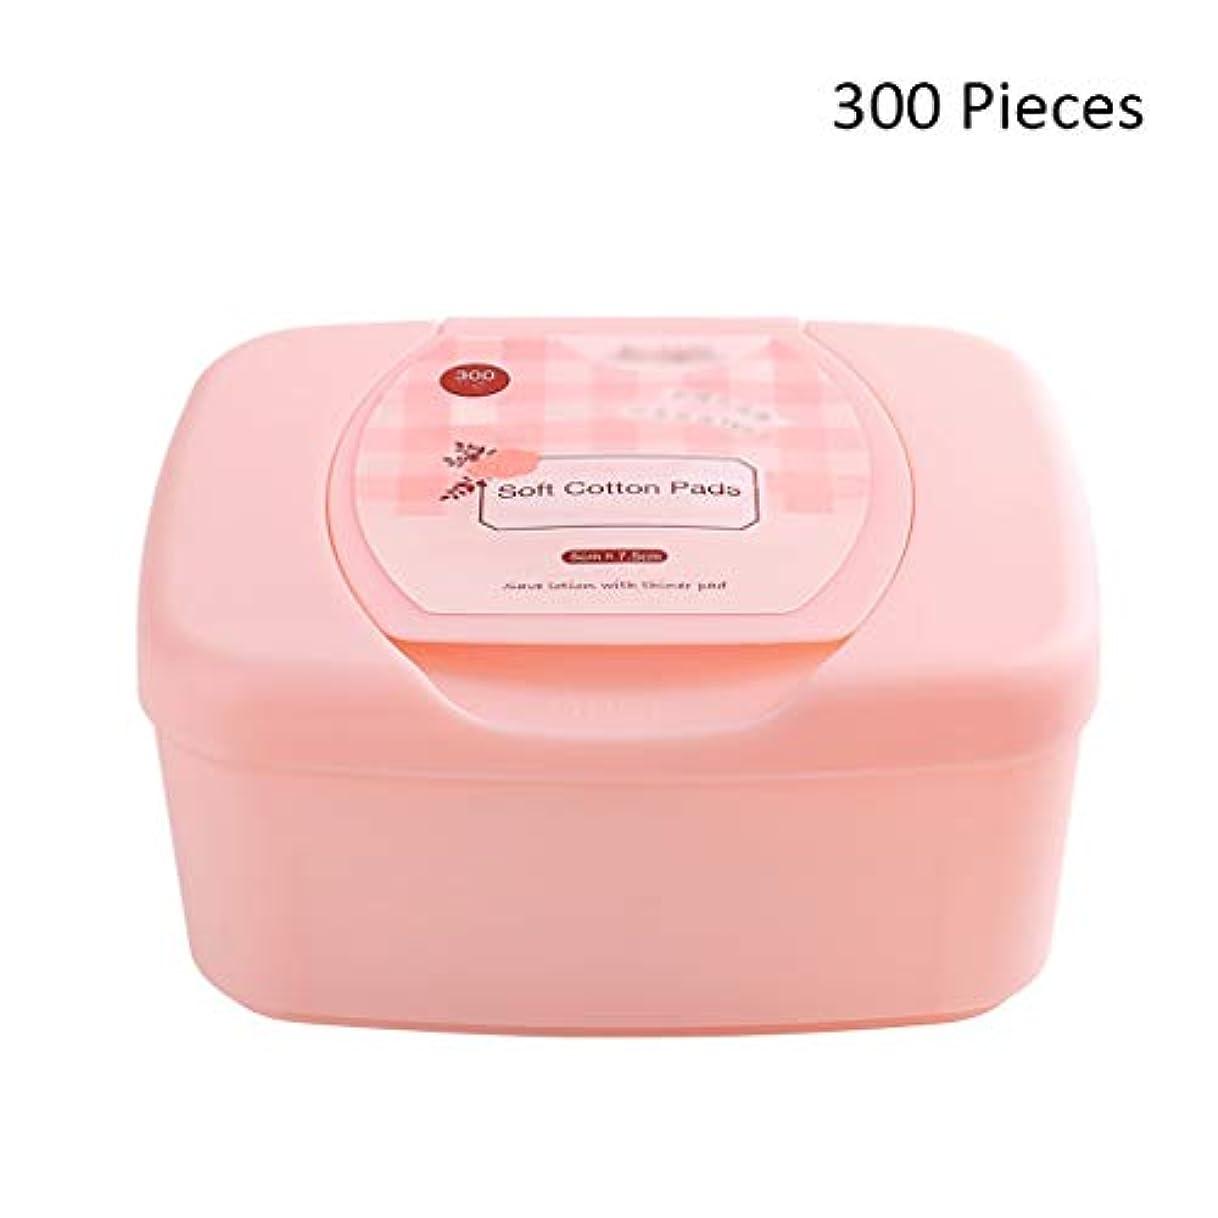 ナイロンファイアル時代遅れ300ピース抽出有機フェイスメイク落としソフトメイク落としパッド化粧品フェイスワイプマスクケアクレンジングコットン (Color : Pink, サイズ : 7.5*5cm)